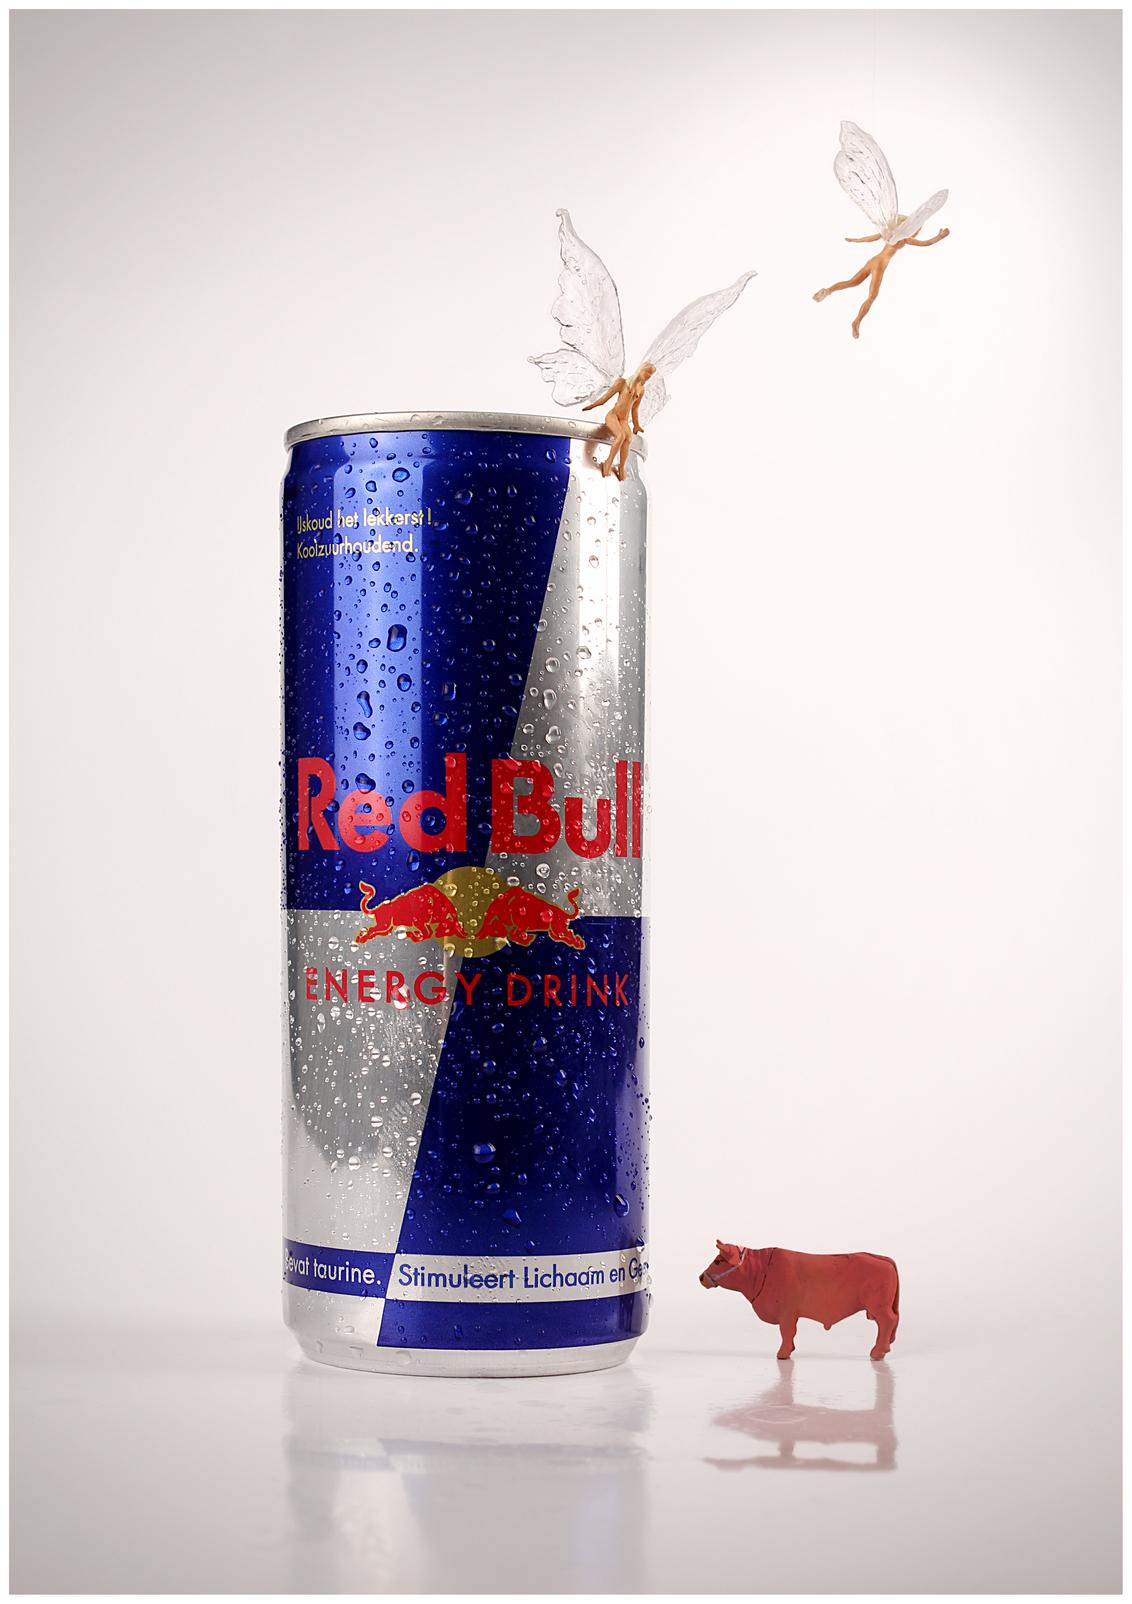 ...geeft je vleugels - redbull geeft je vleugels. - foto door remkokillaars op 14-01-2013 - deze foto bevat: miniatuur, vleugels, drank, reclame, stier, studio, mini, elfje, verpakking, blikje, redbull, drink, tabletop, energydrink, figuurtjes, slogan, preiser